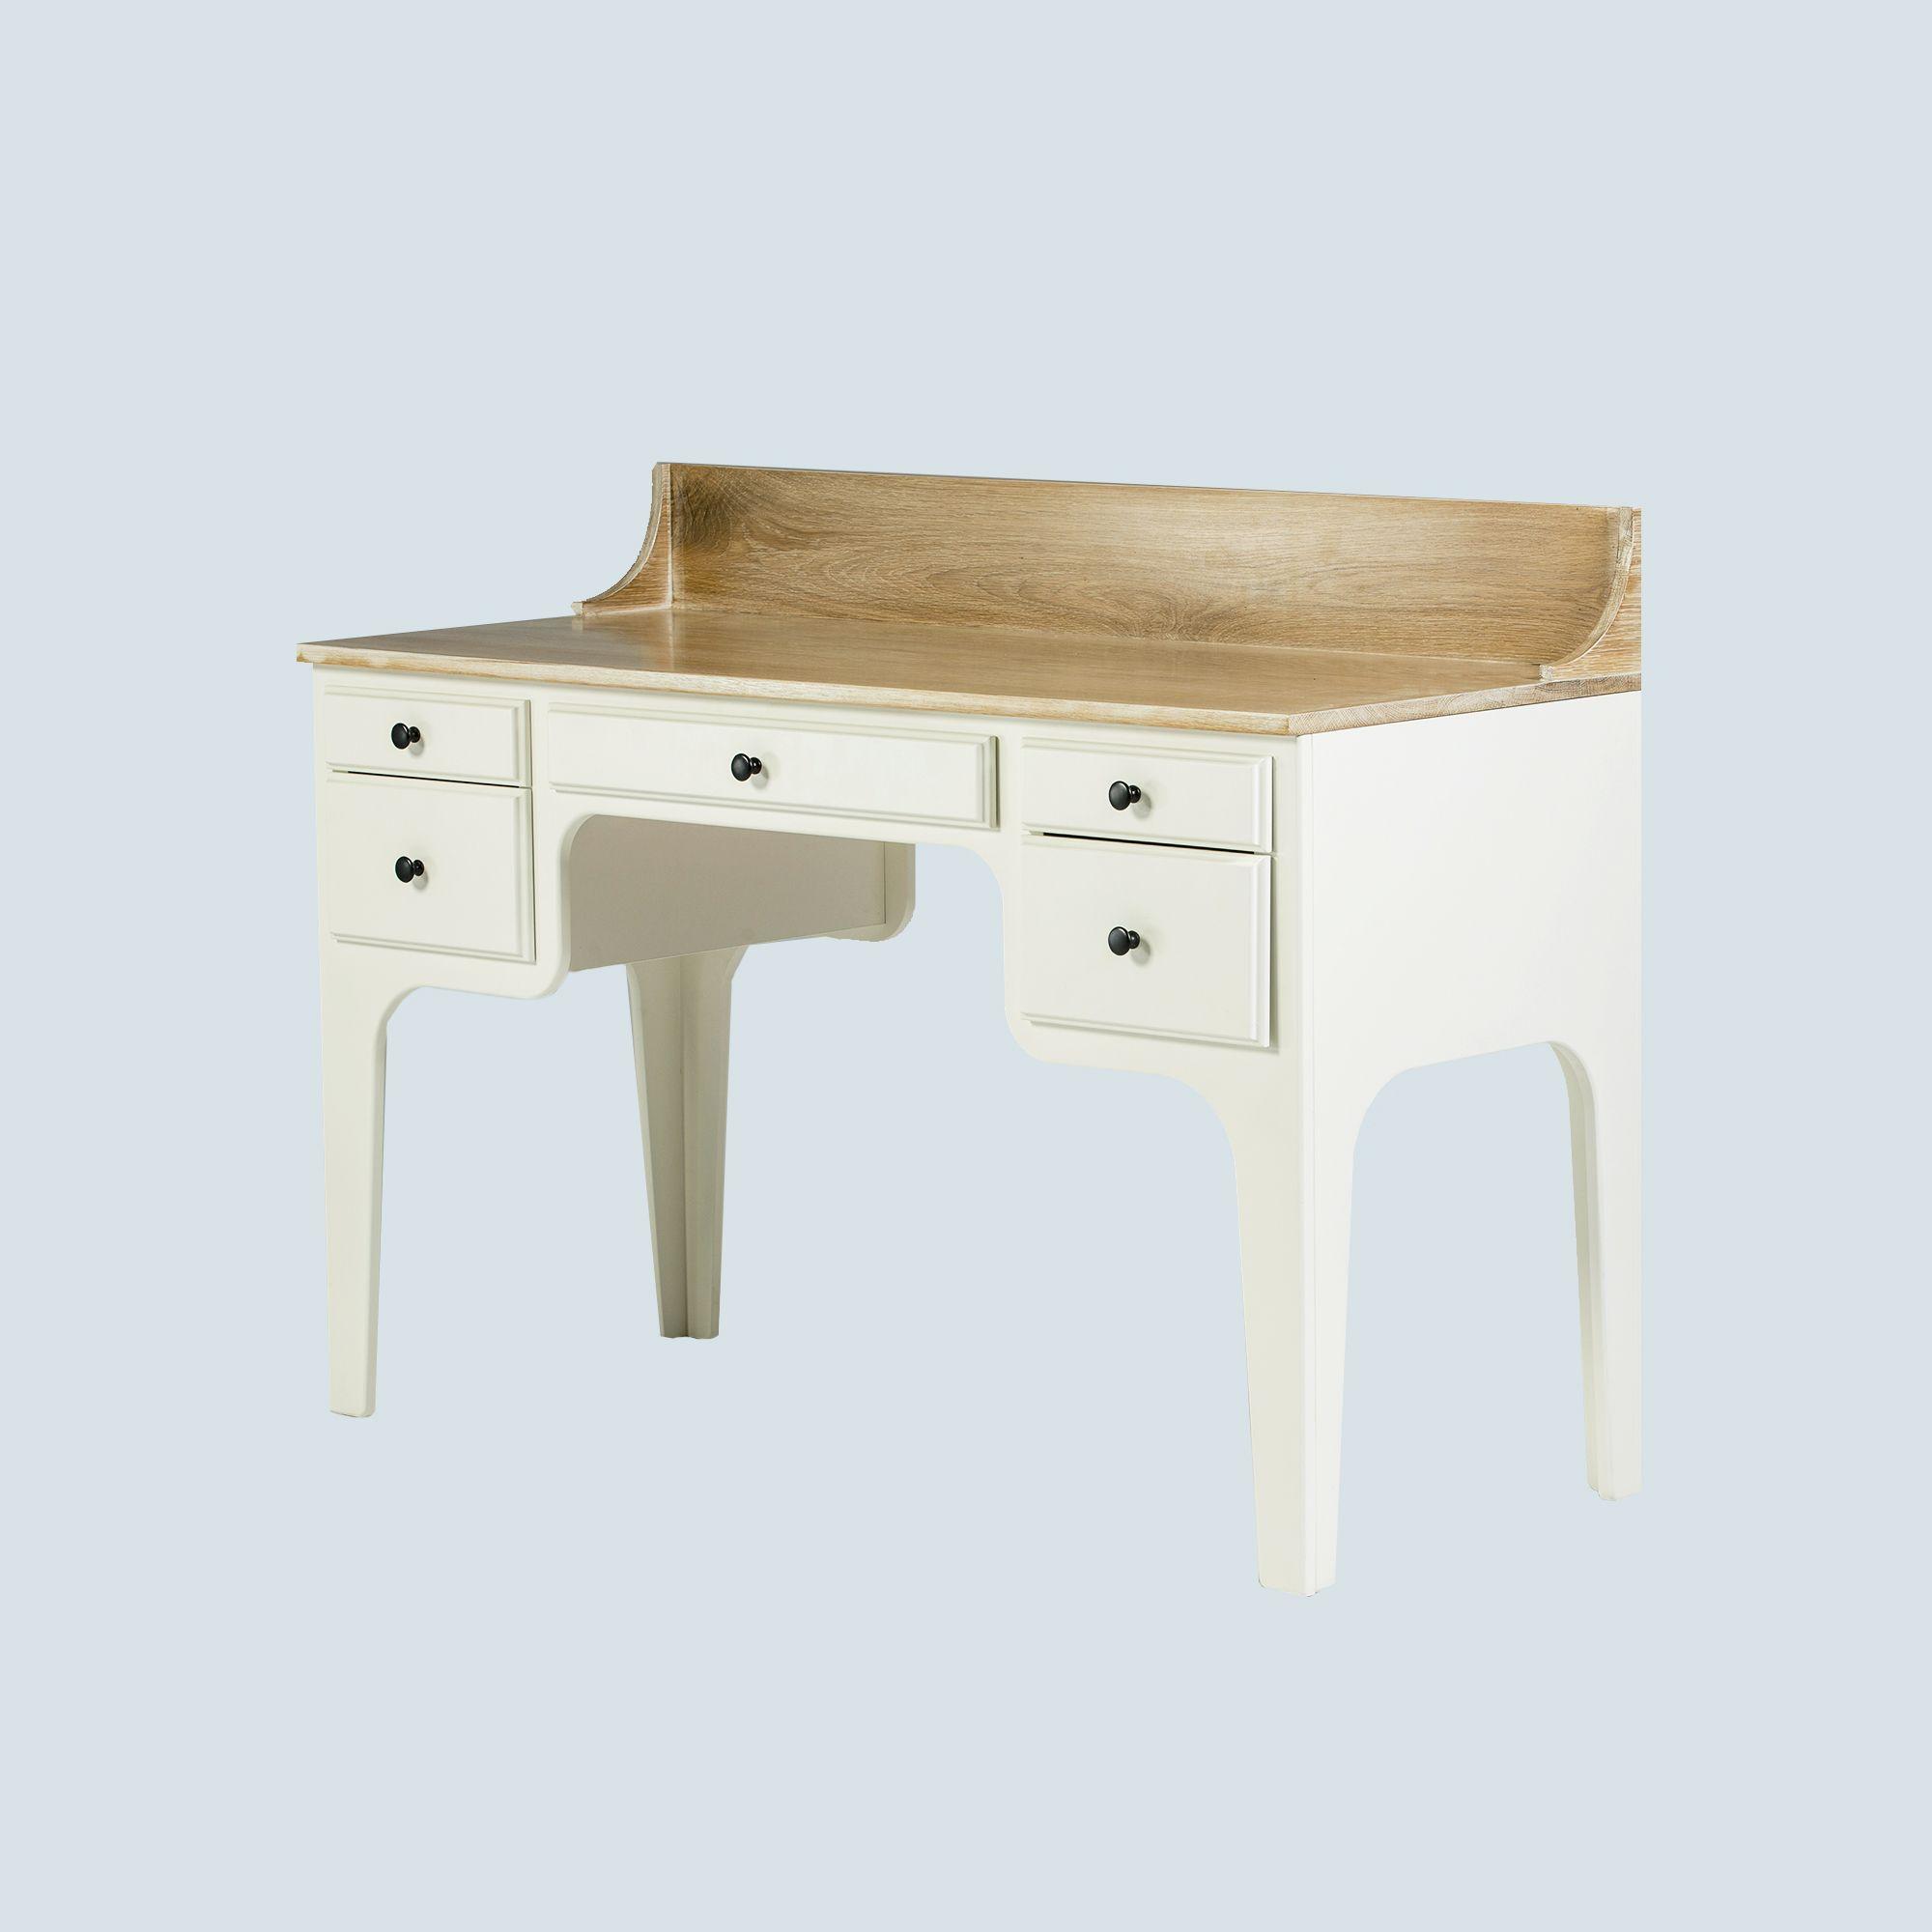 730dbeb6143d56188141922496196757 Impressionnant De Table Gigogne Ikea Concept